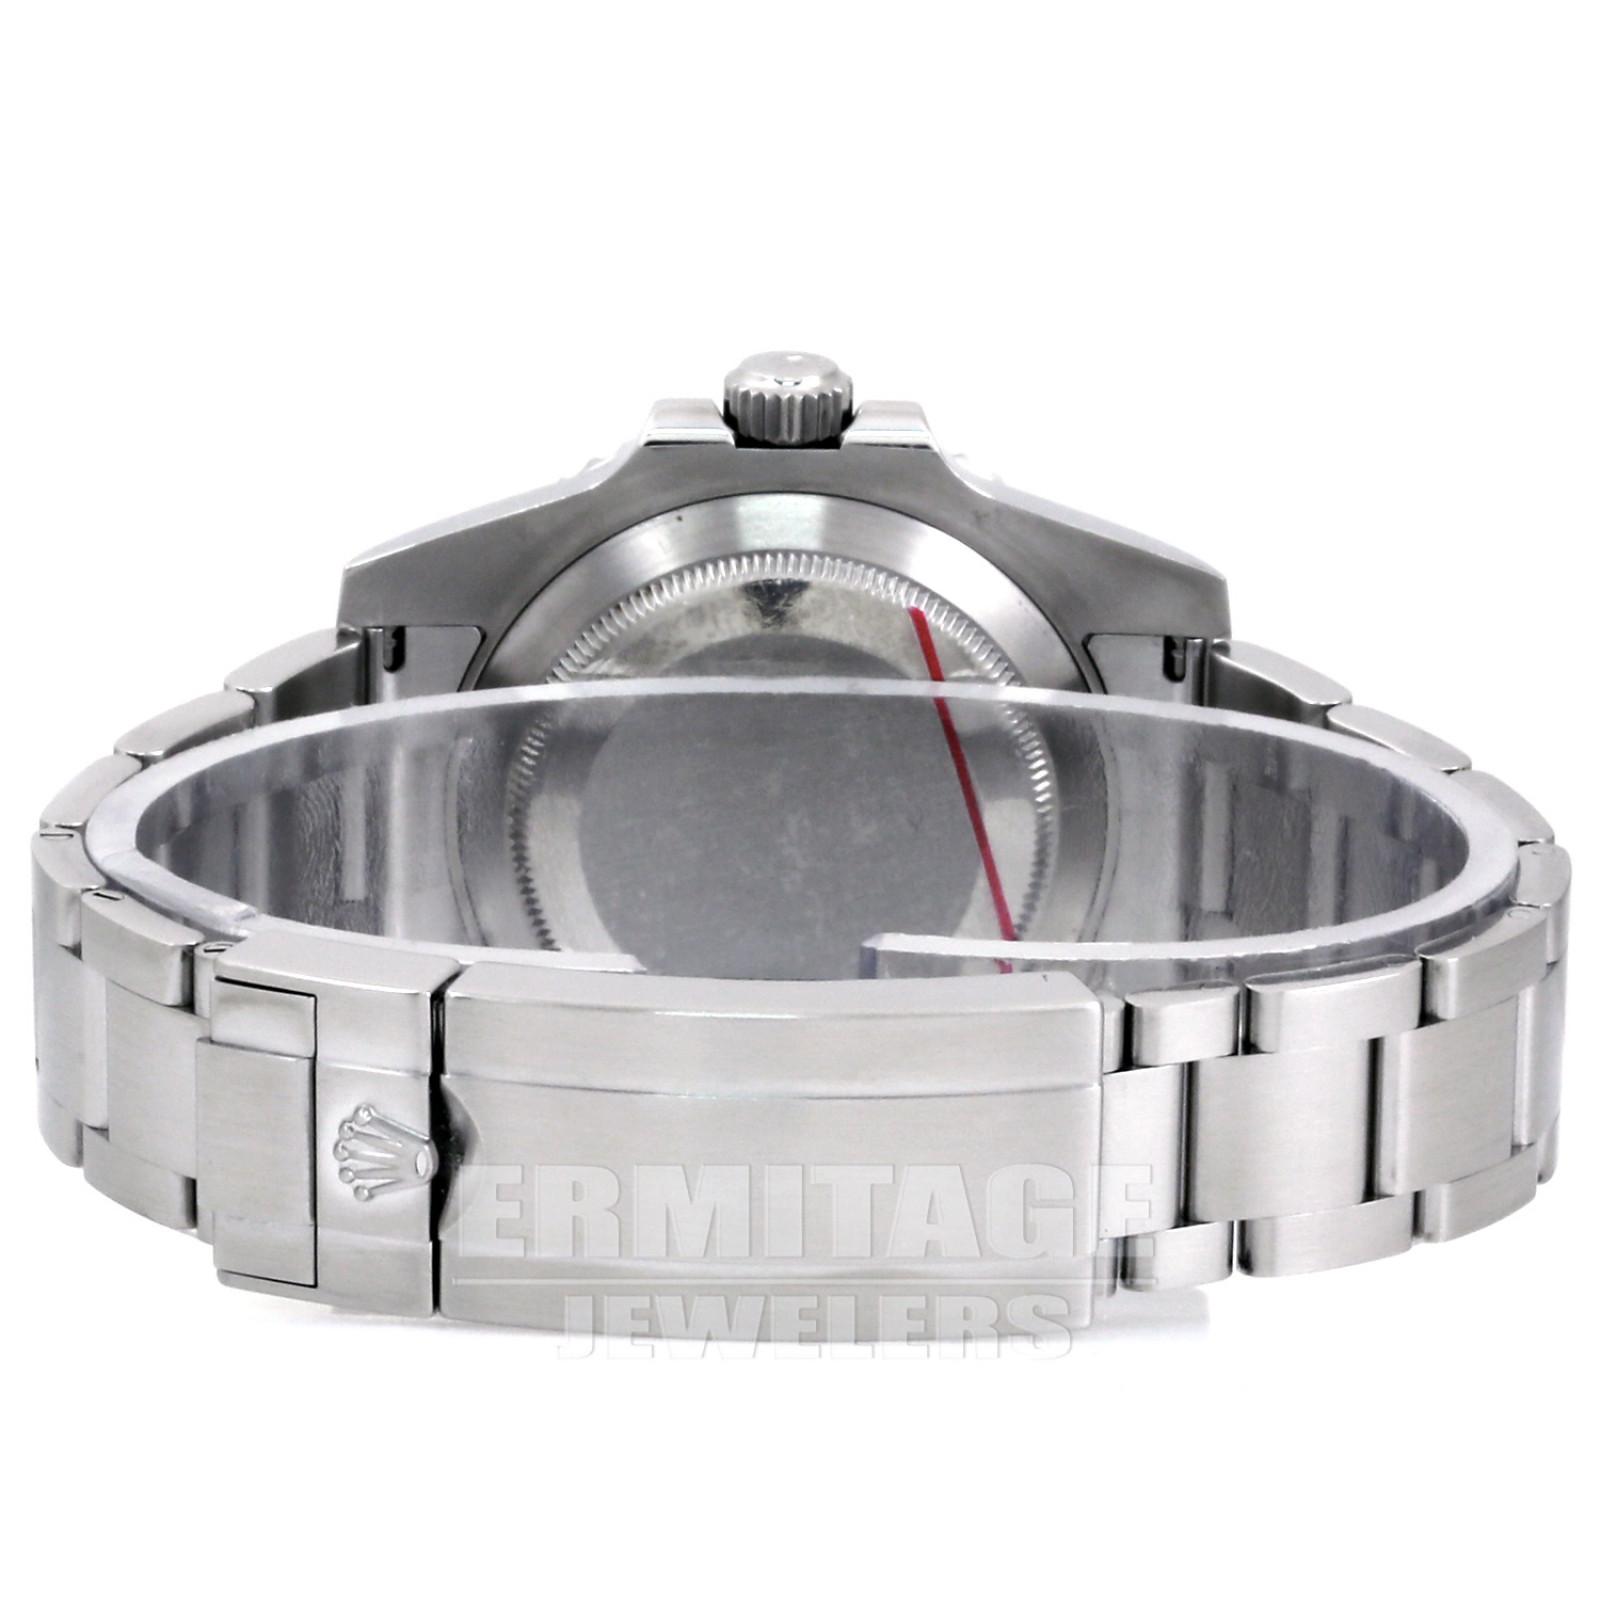 2018 Rolex Submariner Ref. 114060